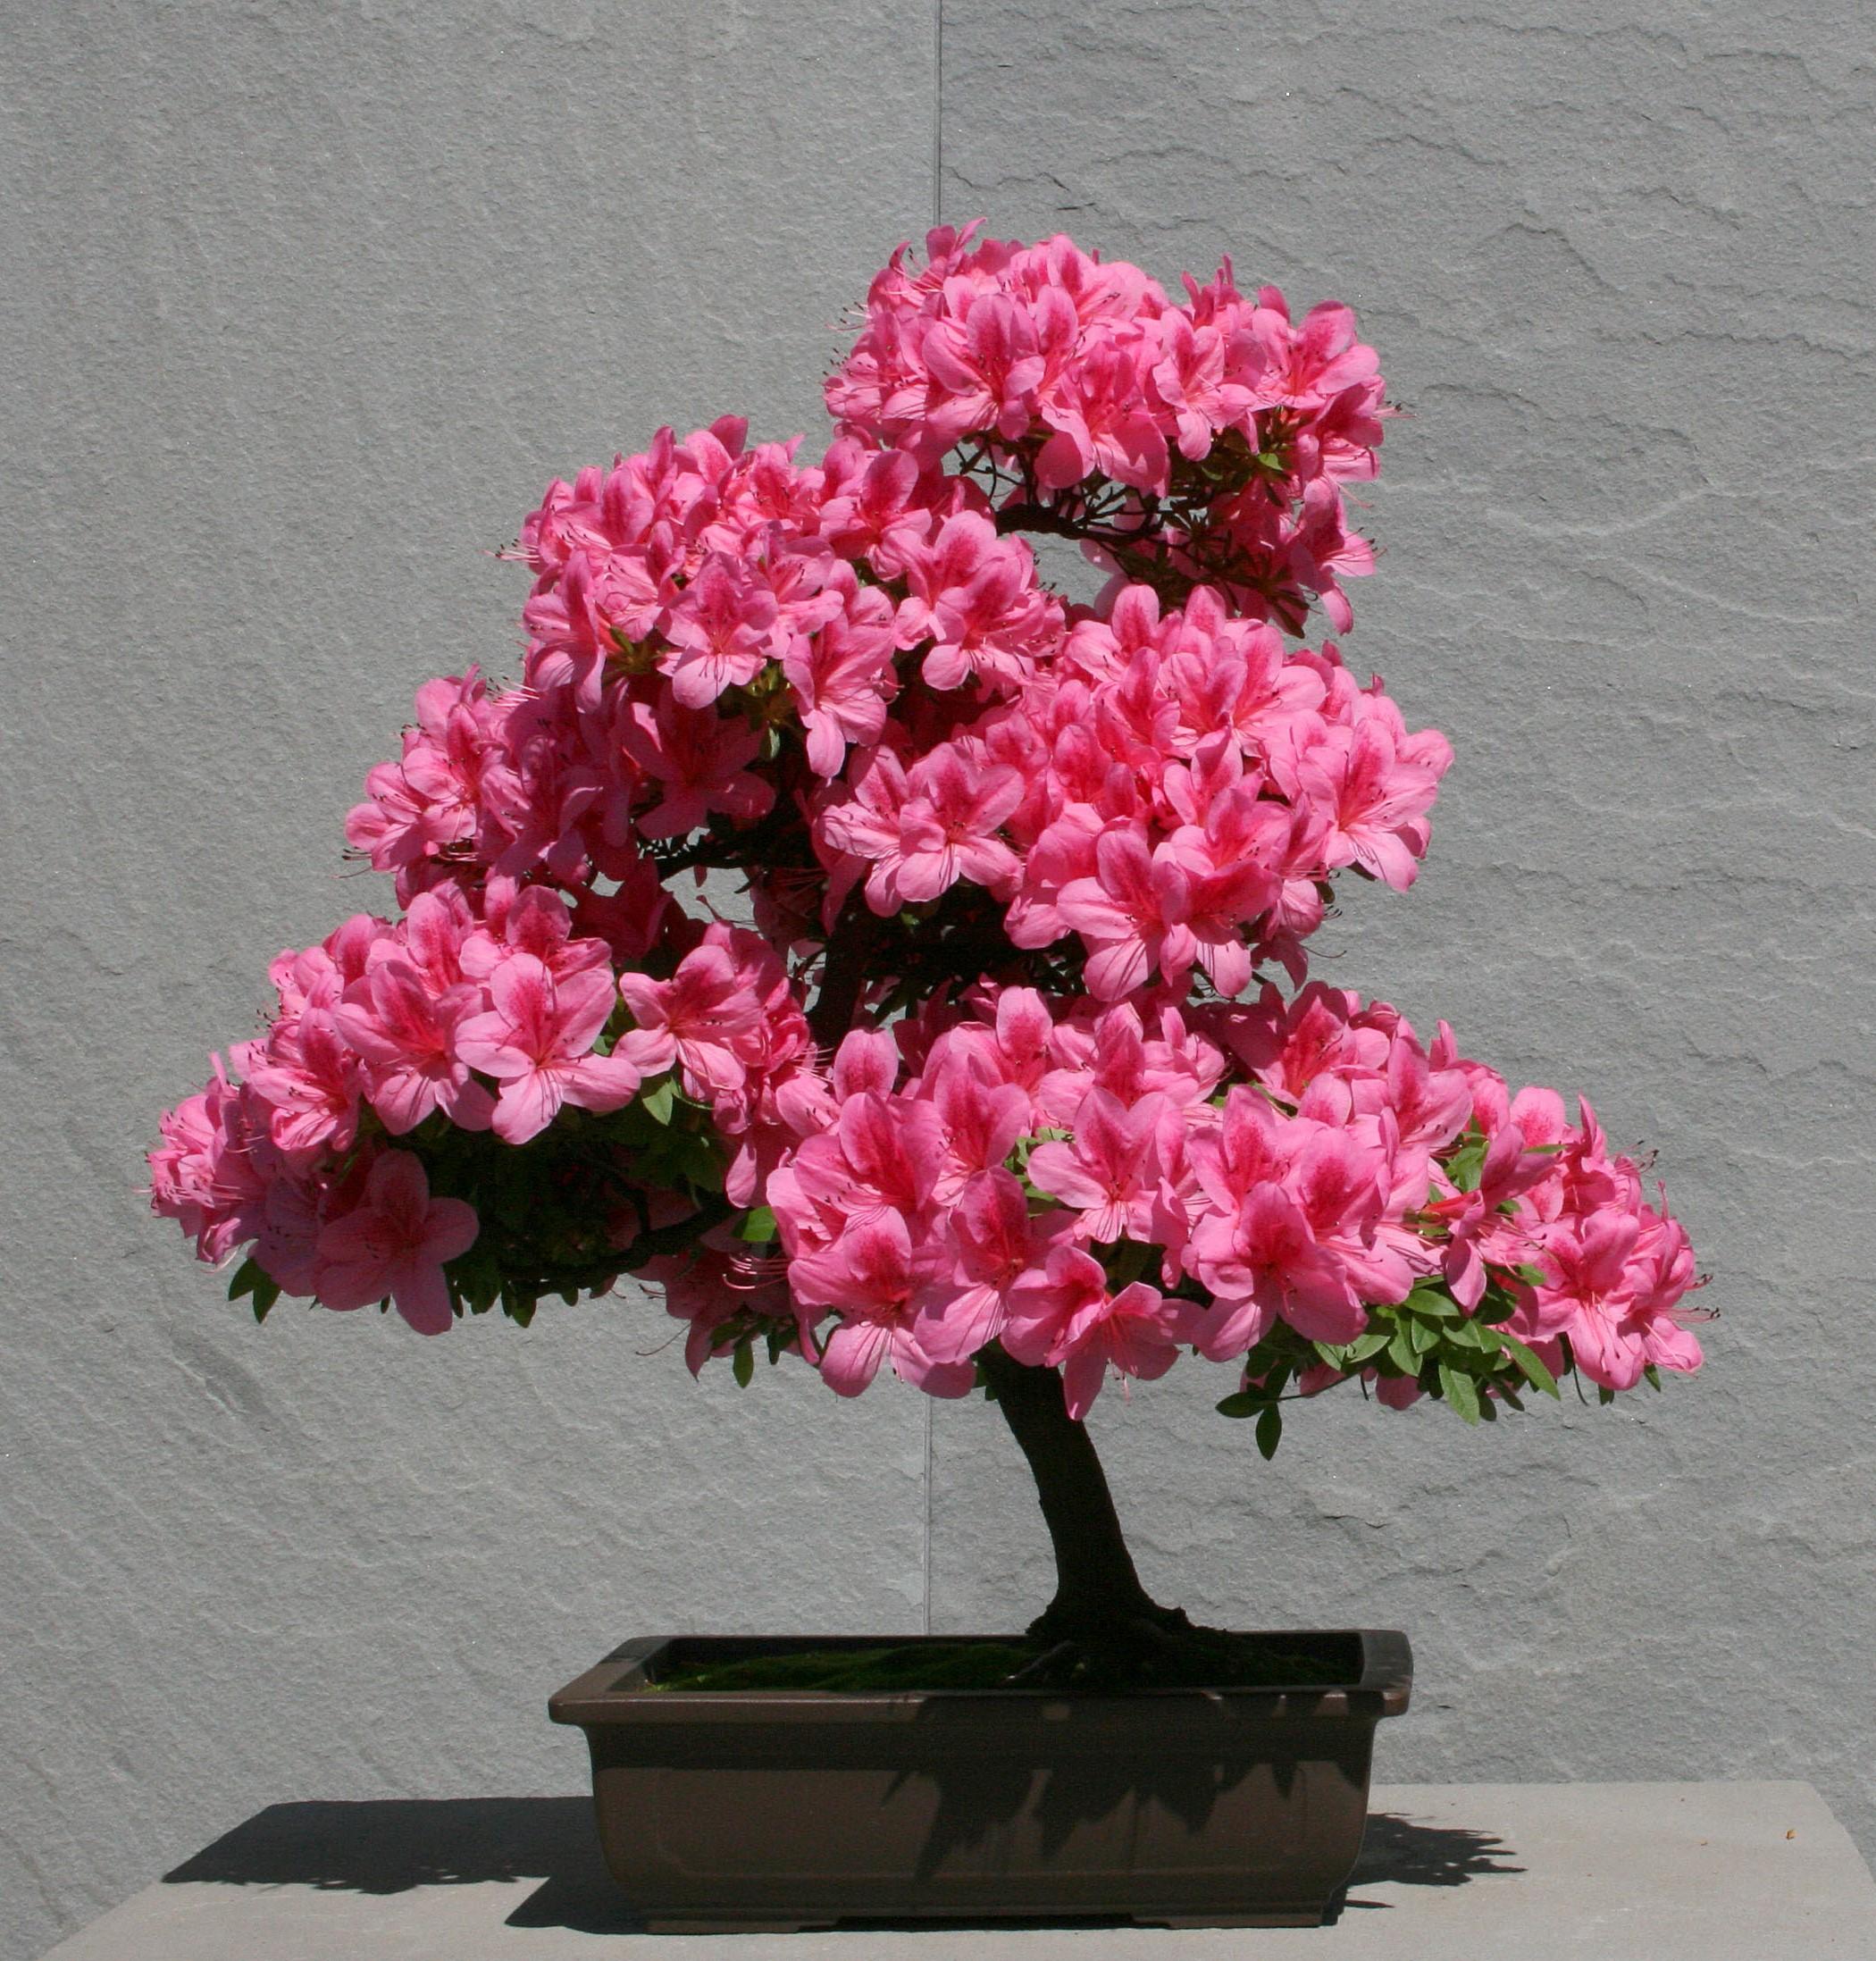 Les azalées occupent une place privilégiée dans le monde des connaisseurs de bonsaï.